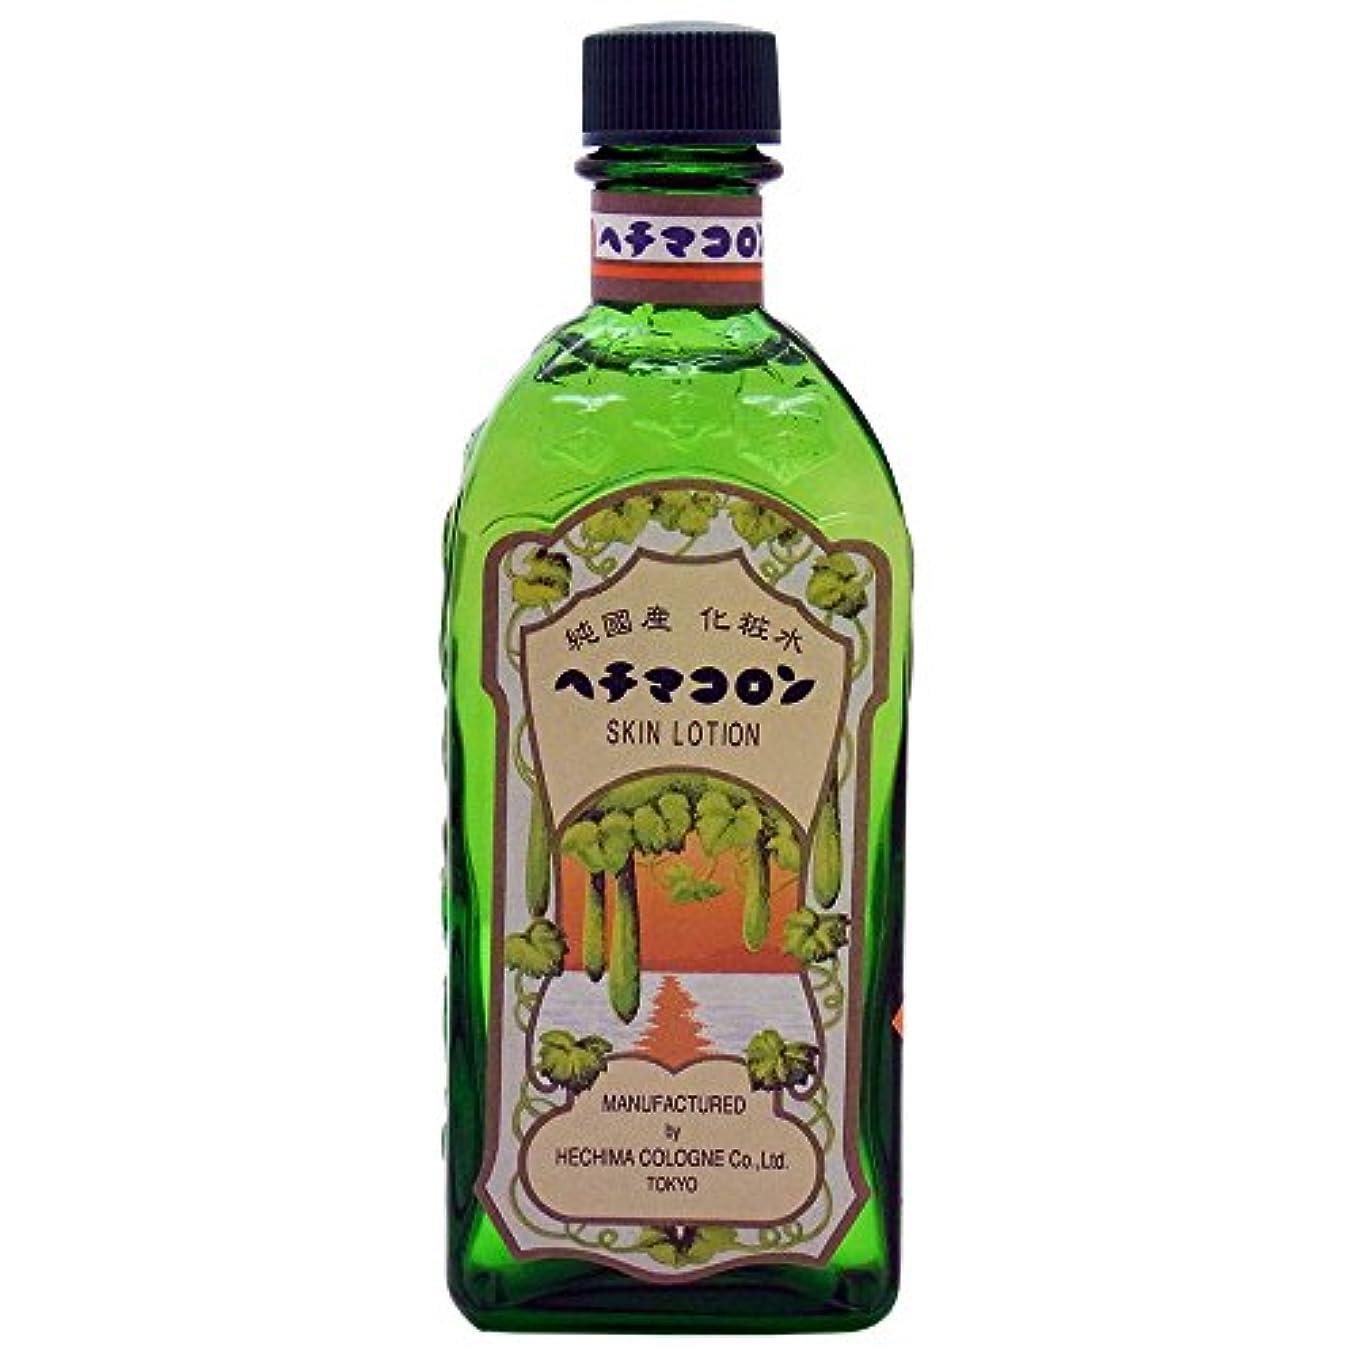 成功したストッキング謝るヘチマコロン ヘチマコロンの化粧水 ピュア 120ml